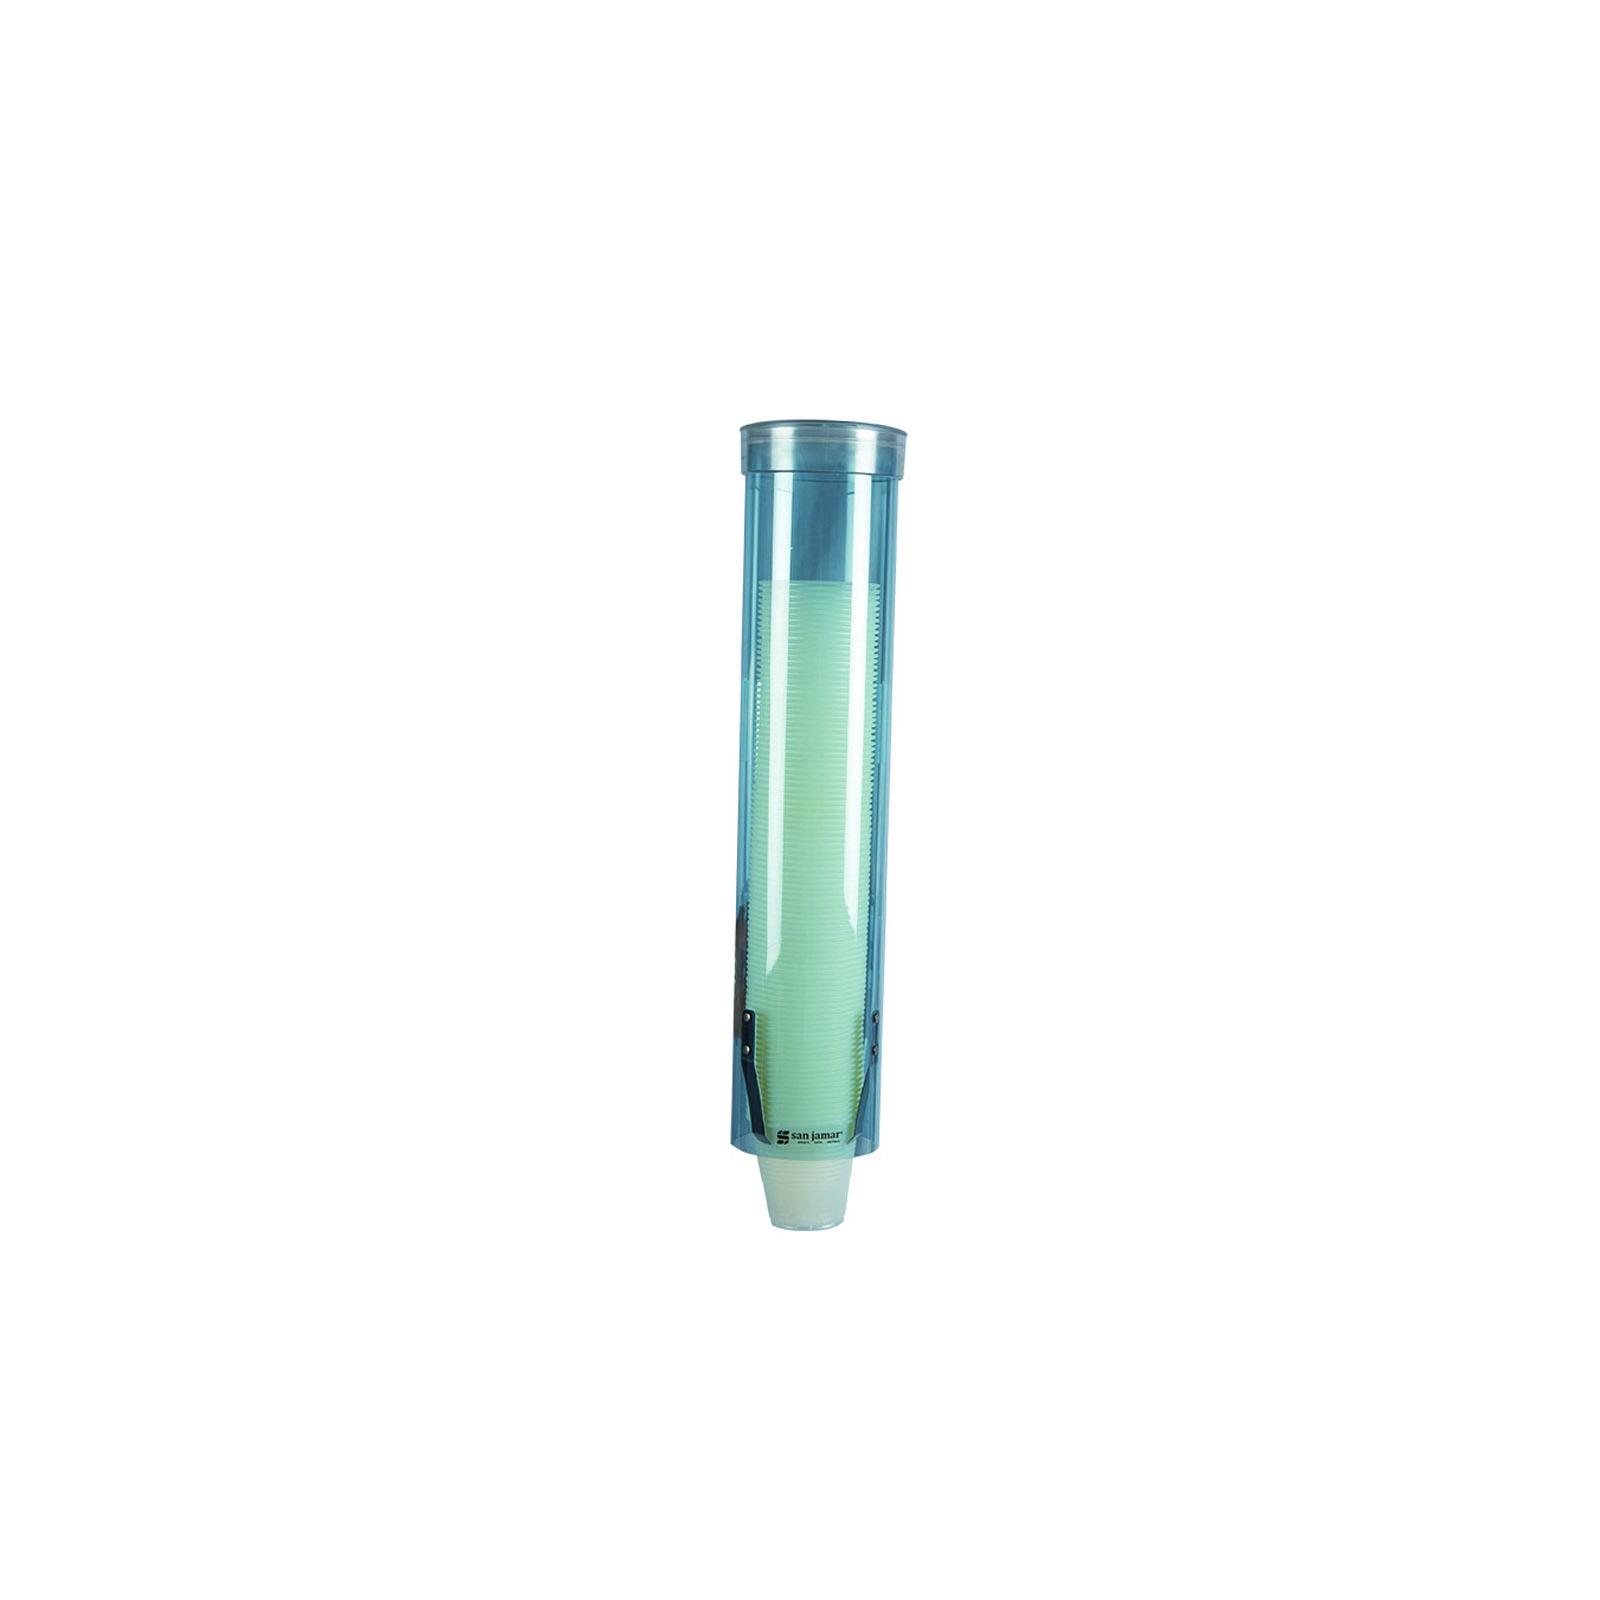 San Jamar C3165TBL20 cup dispensers, wall mount